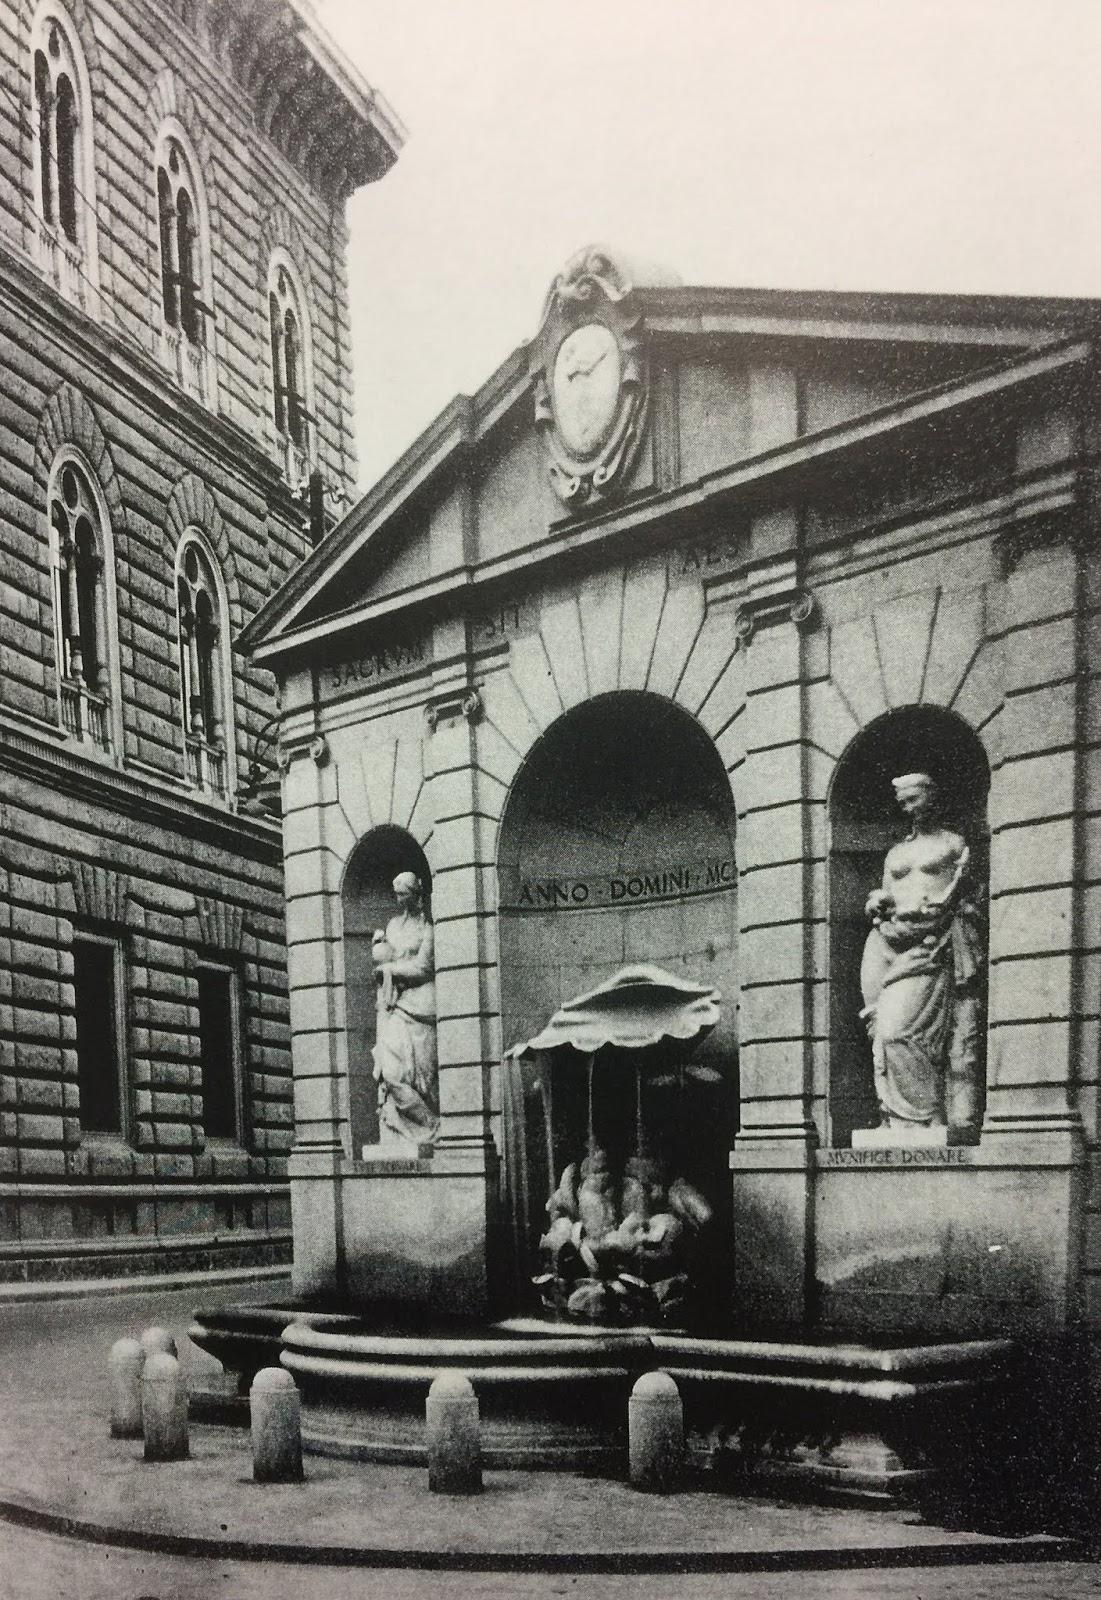 Al Giardino Ancona storie di milano: le vie di milano, stranezze e curiosità